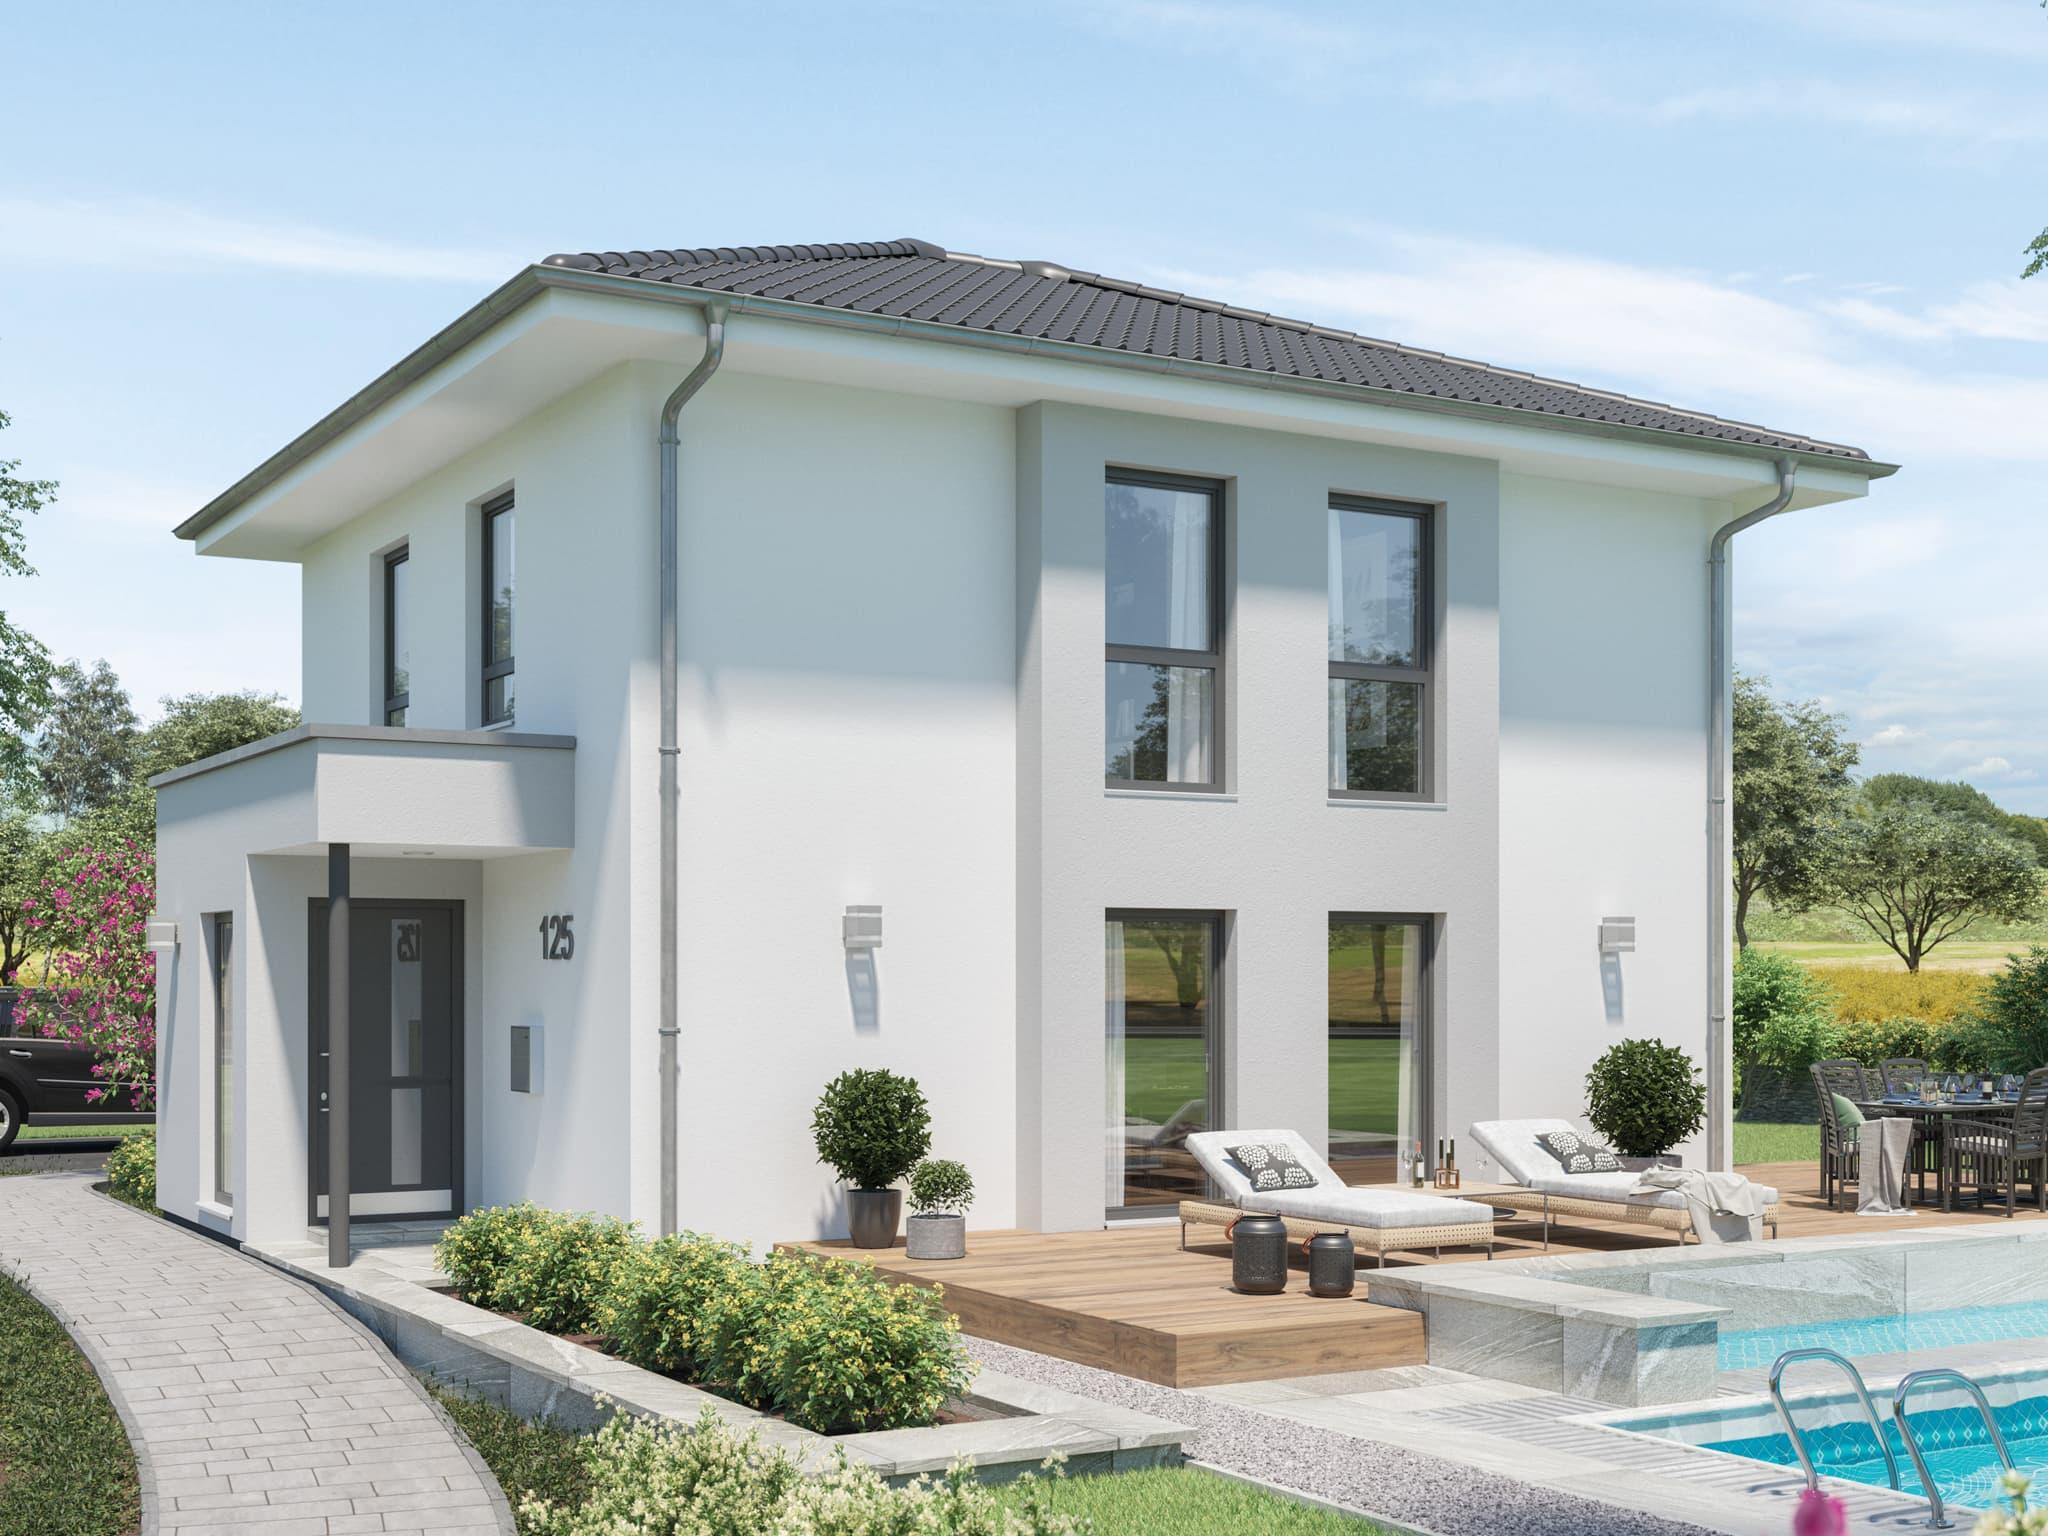 Fertighaus Stadtvilla mit Walmdach & Windfang Erker, 4 Zimmer Grundriss, 125 qm - Einfamilienhaus bauen Ideen Bien Zenker Haus EDITION 125 V5 - HausbauDirekt.de